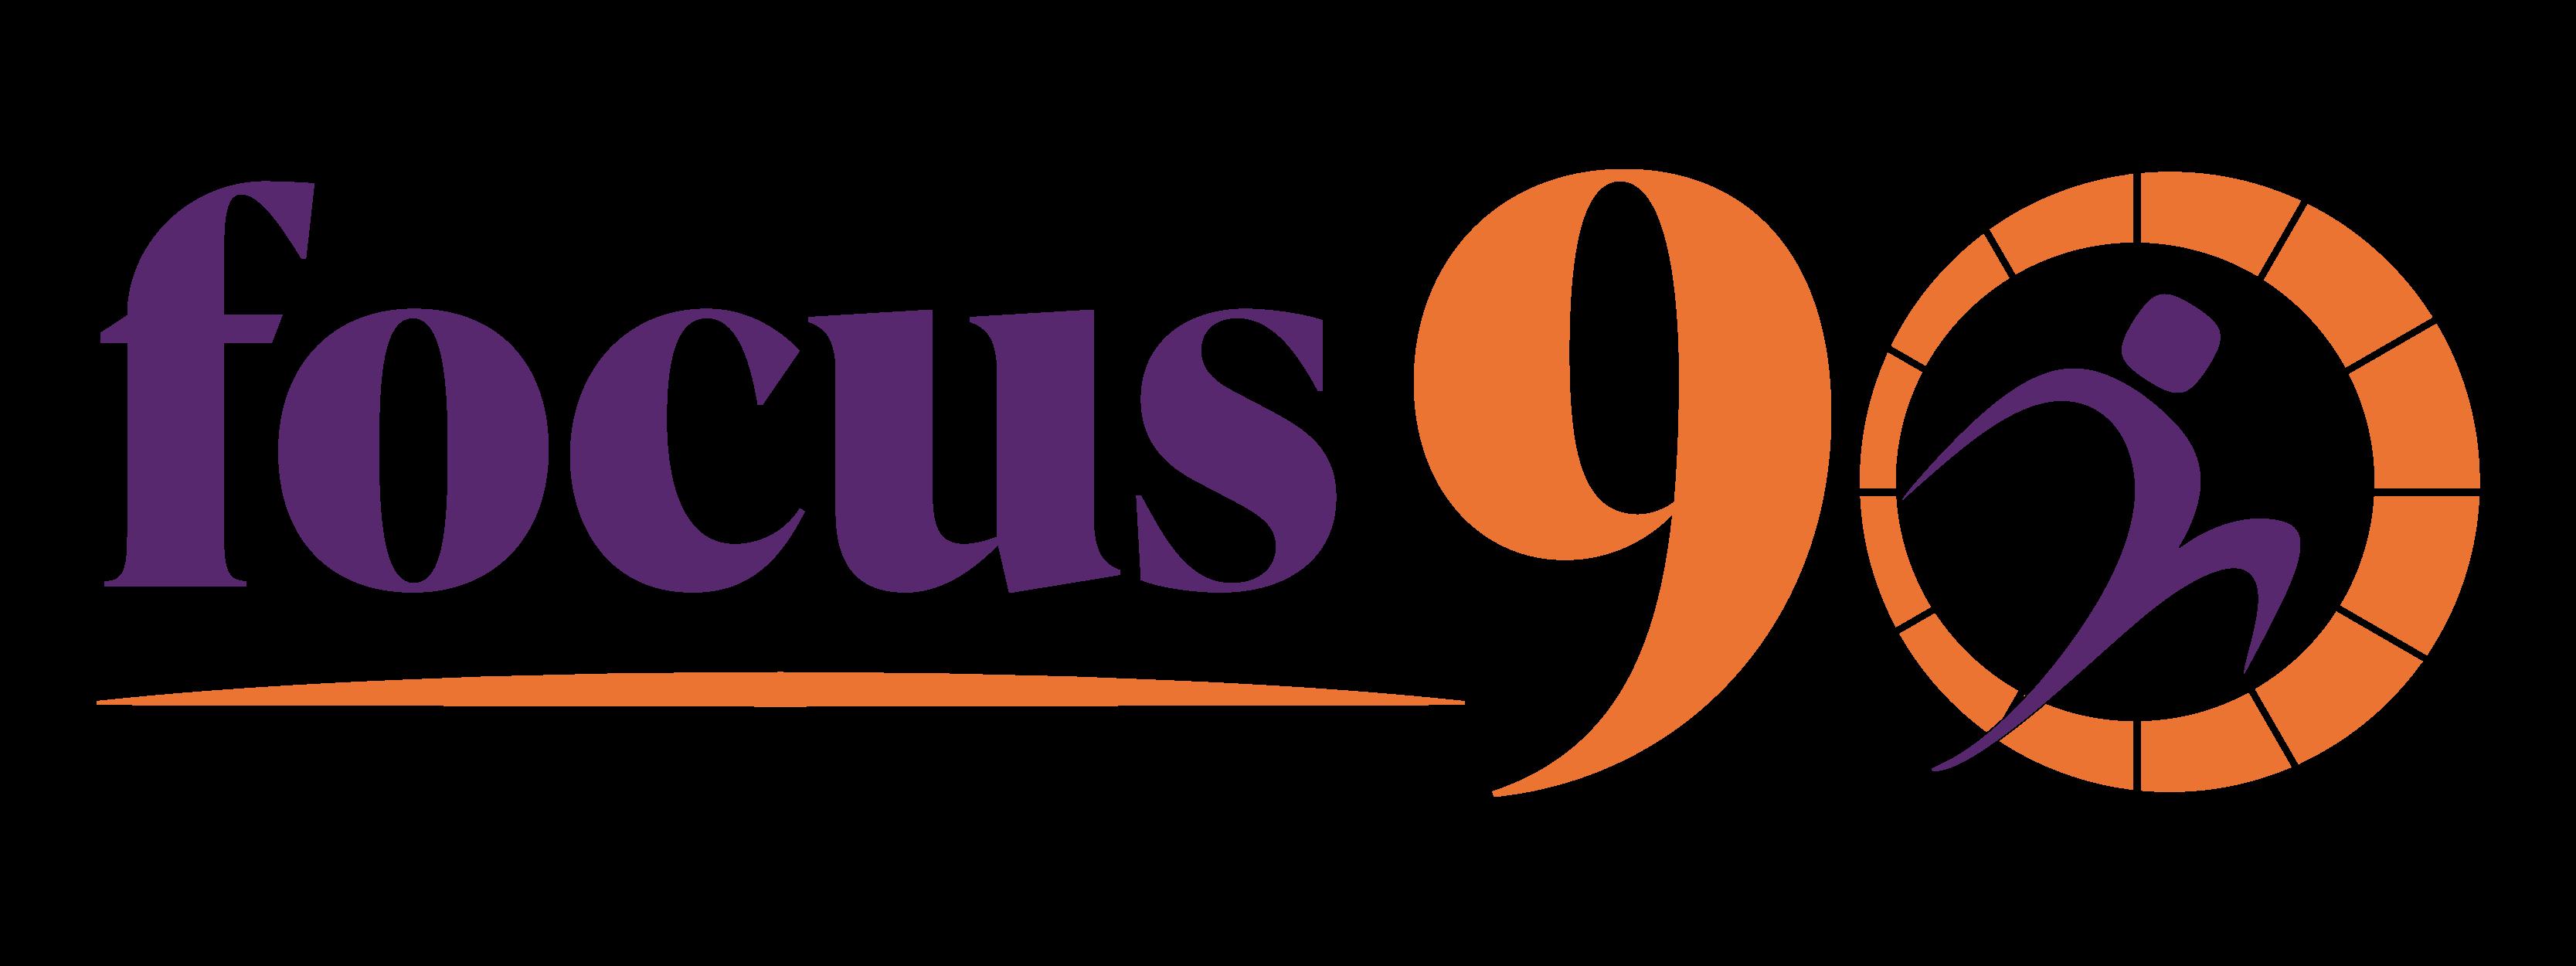 Focus90